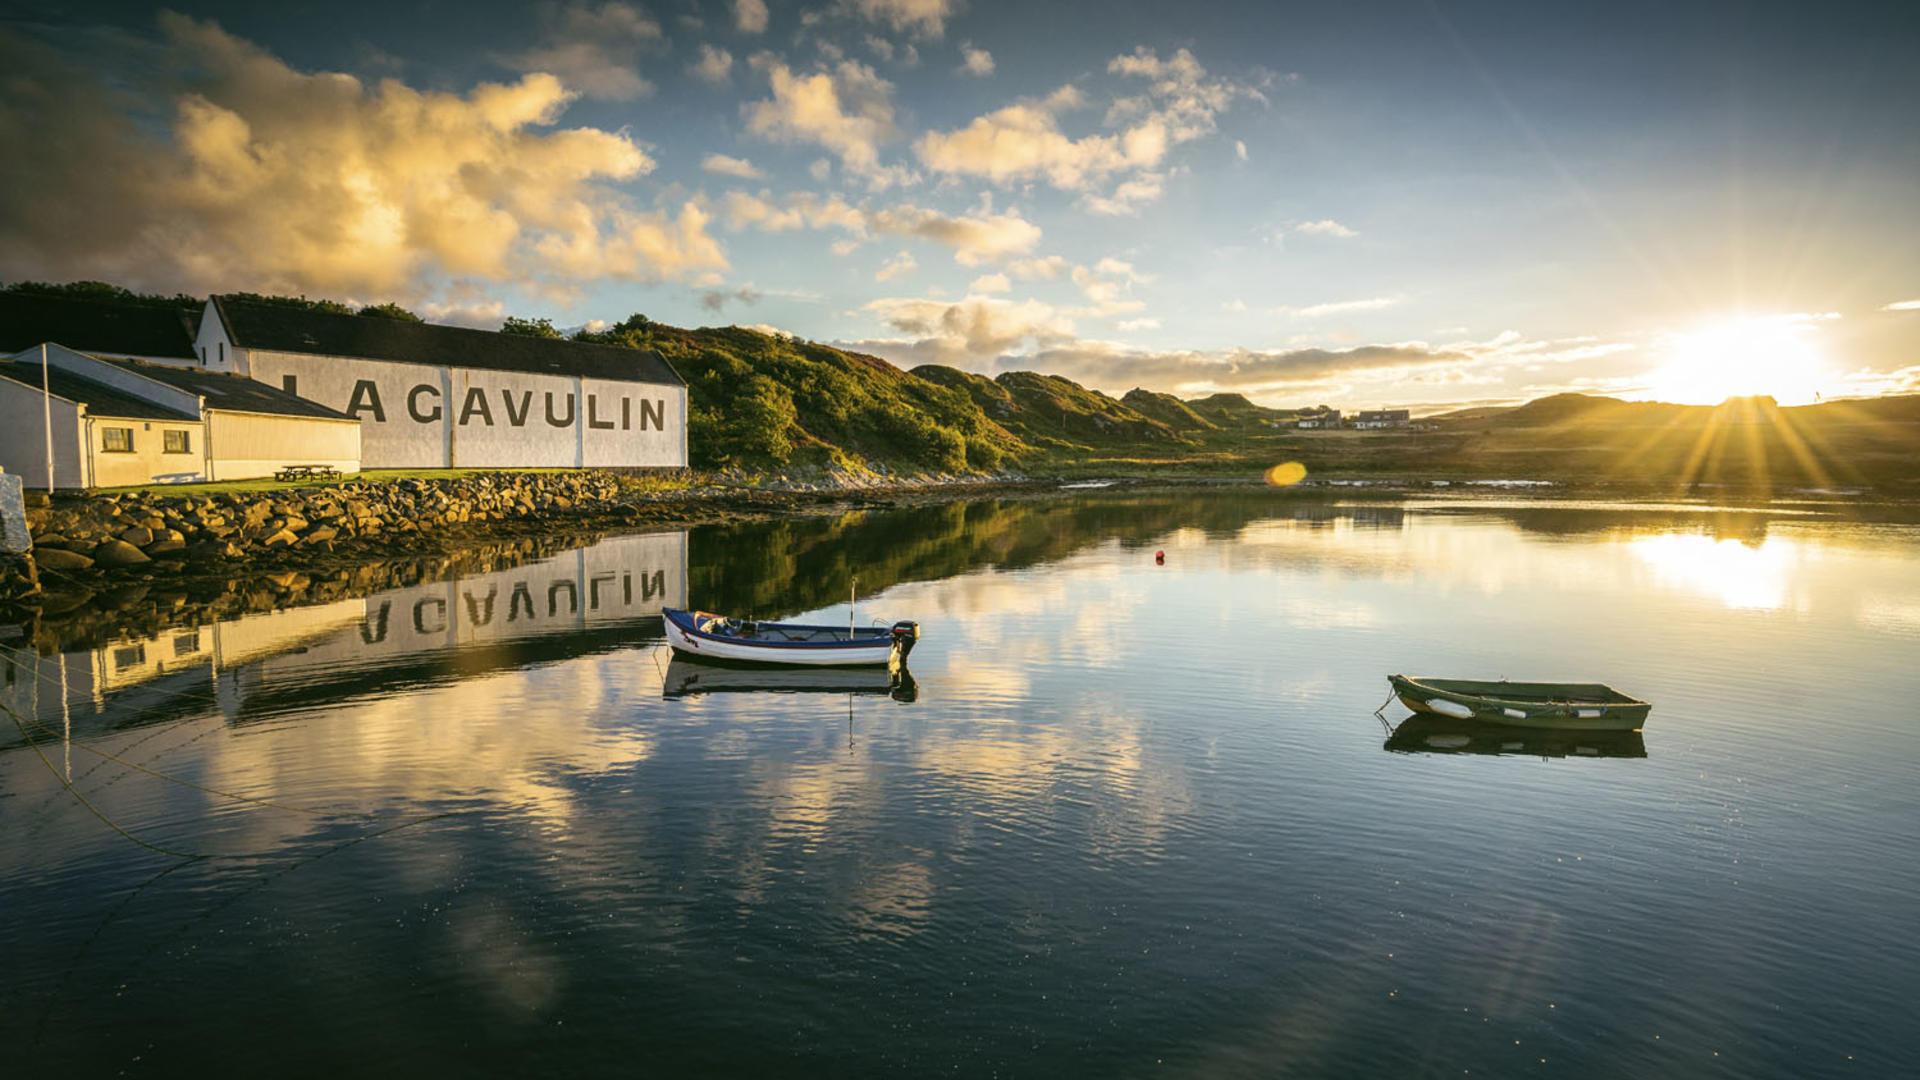 Lagavulin Distillery Scotland